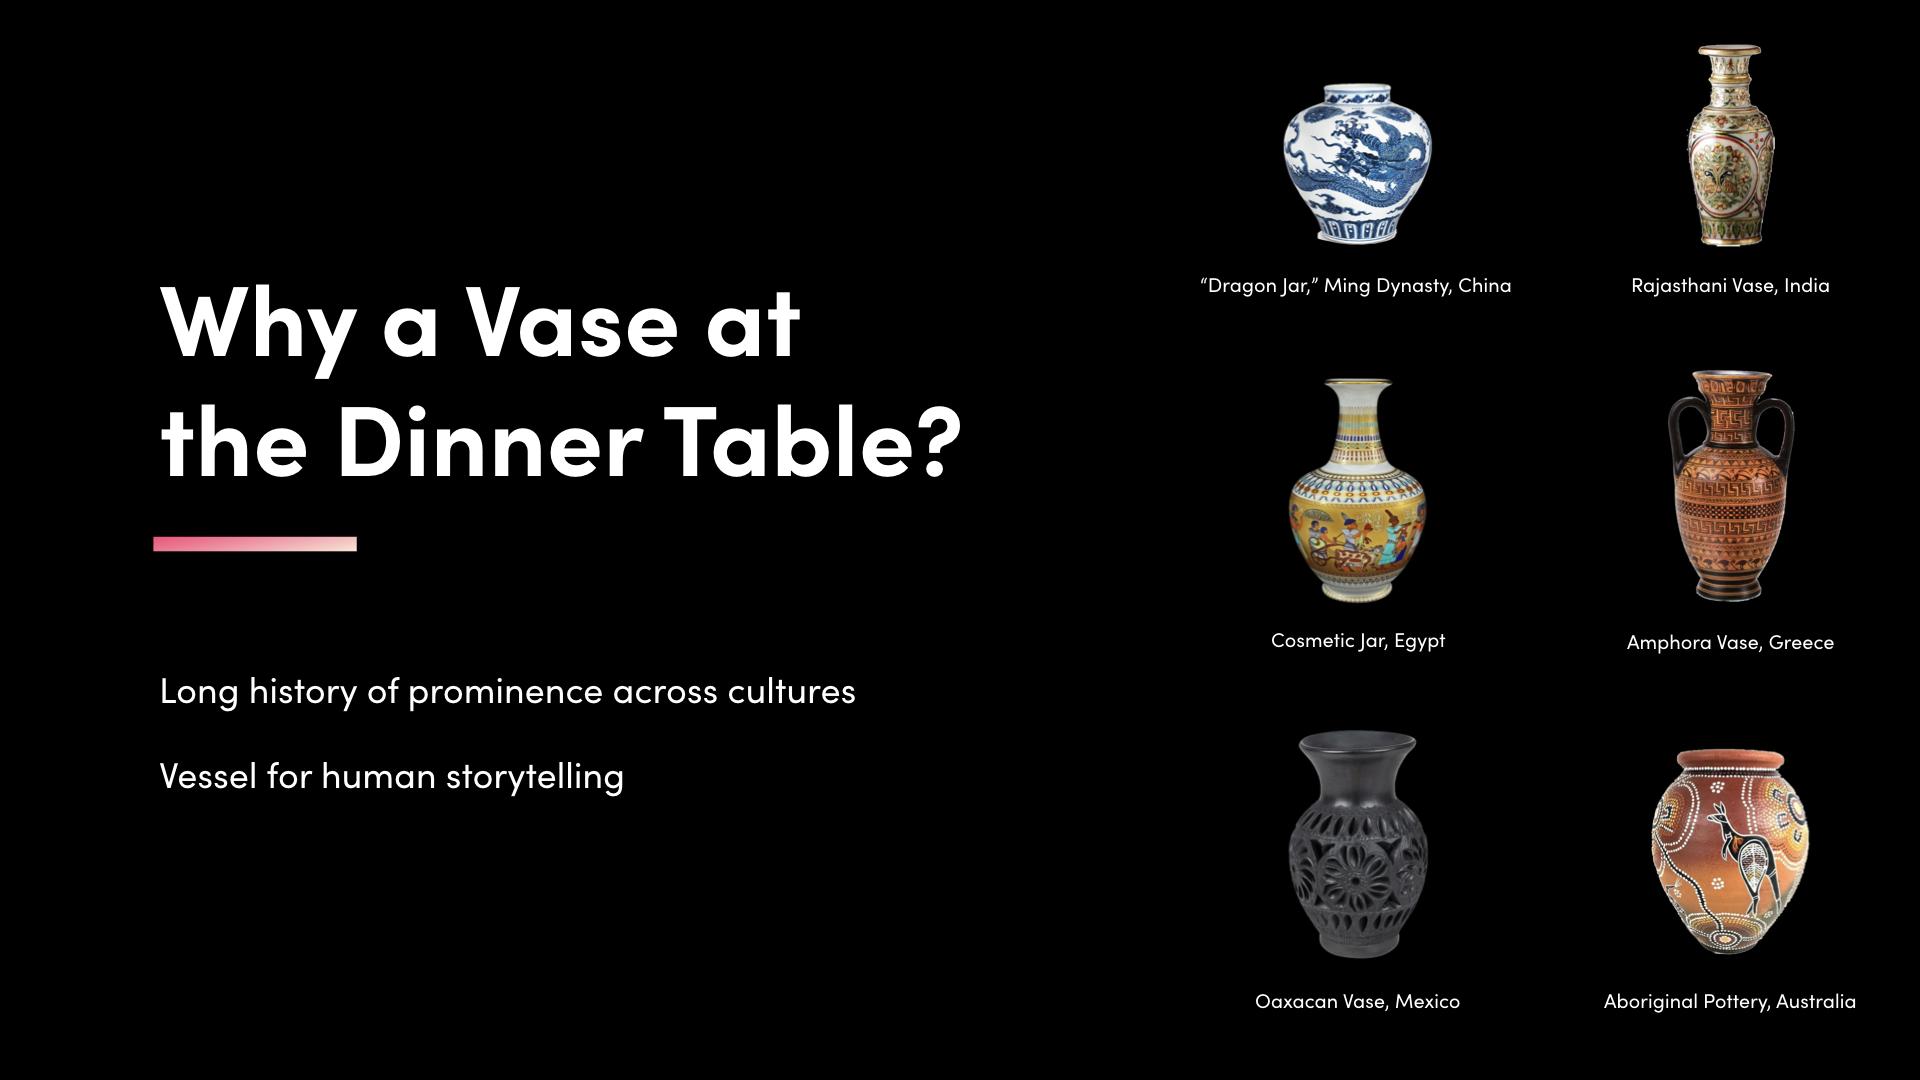 010_affie-why-a-vase.jpeg